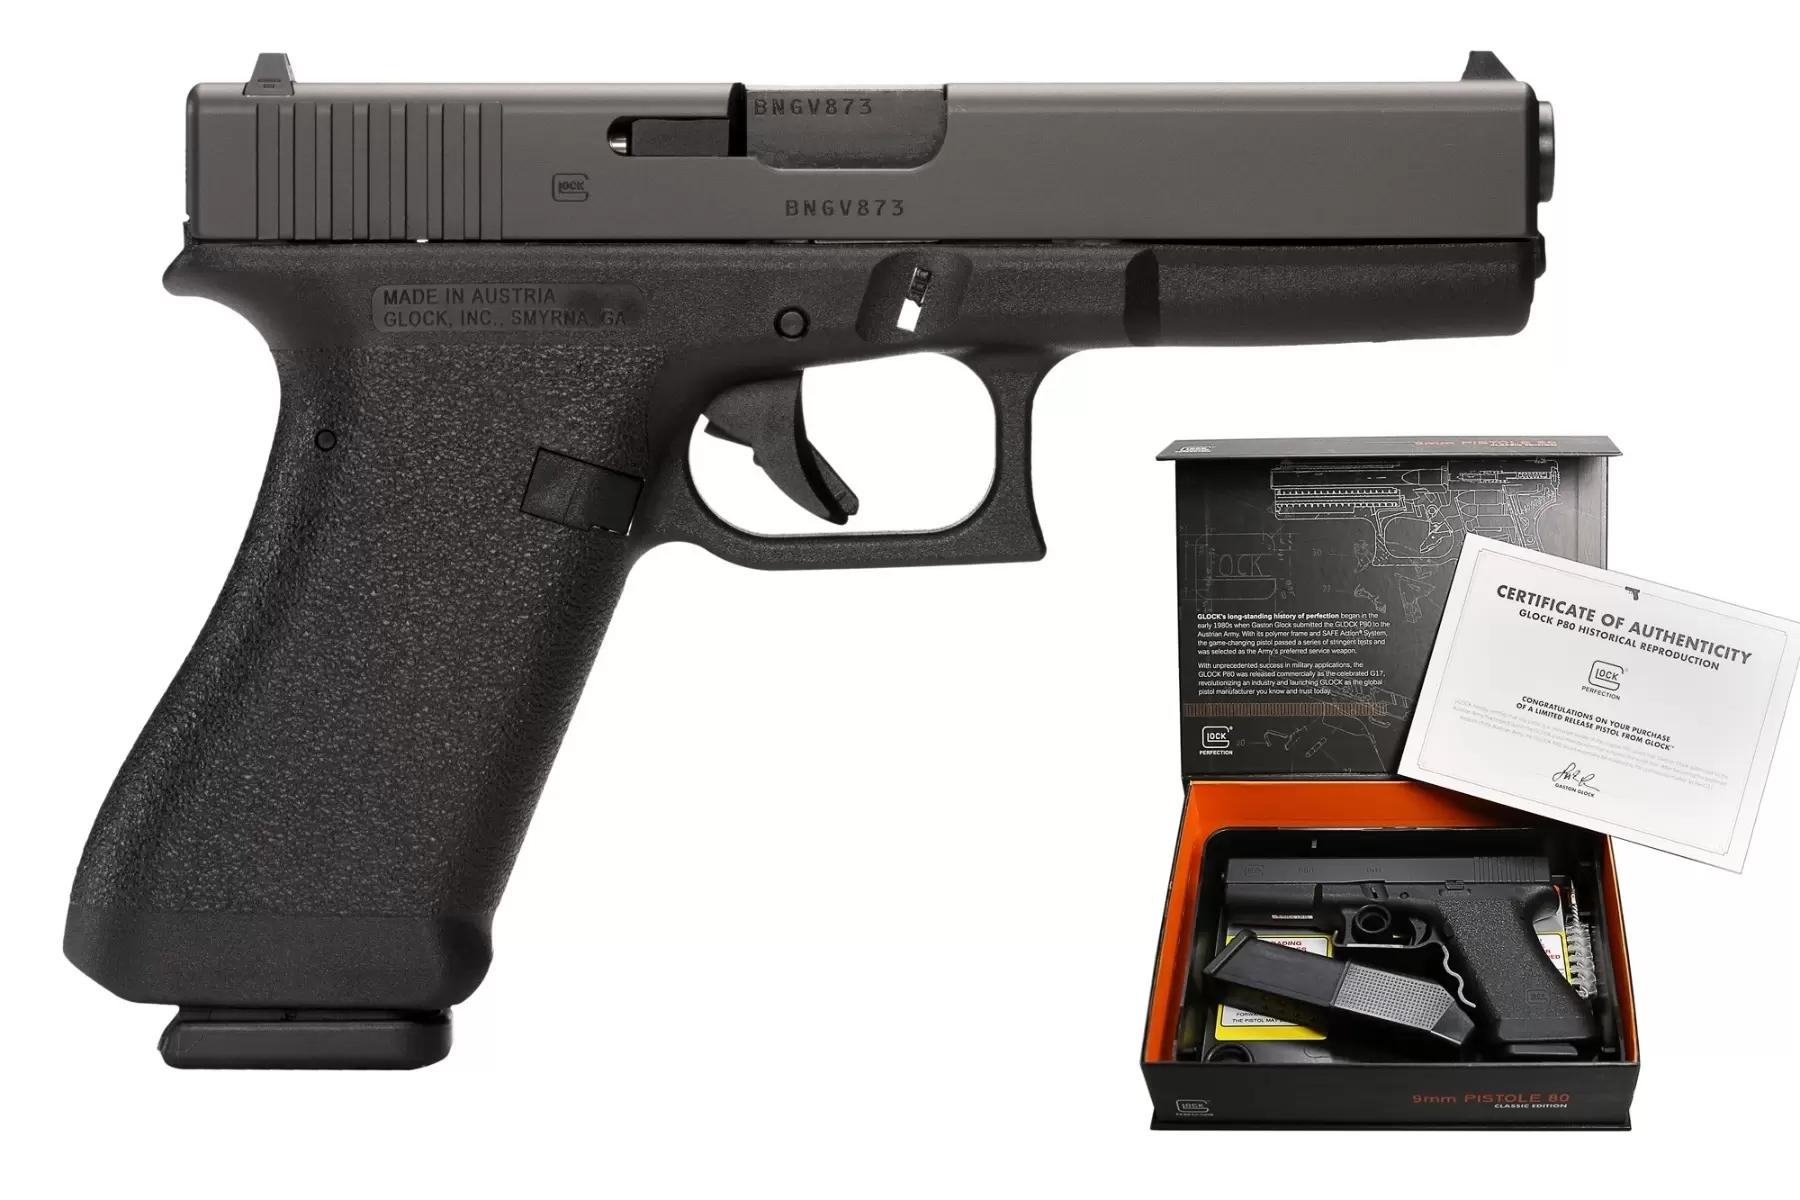 Glock P80 Gen 1 9mm Pistol P81750203